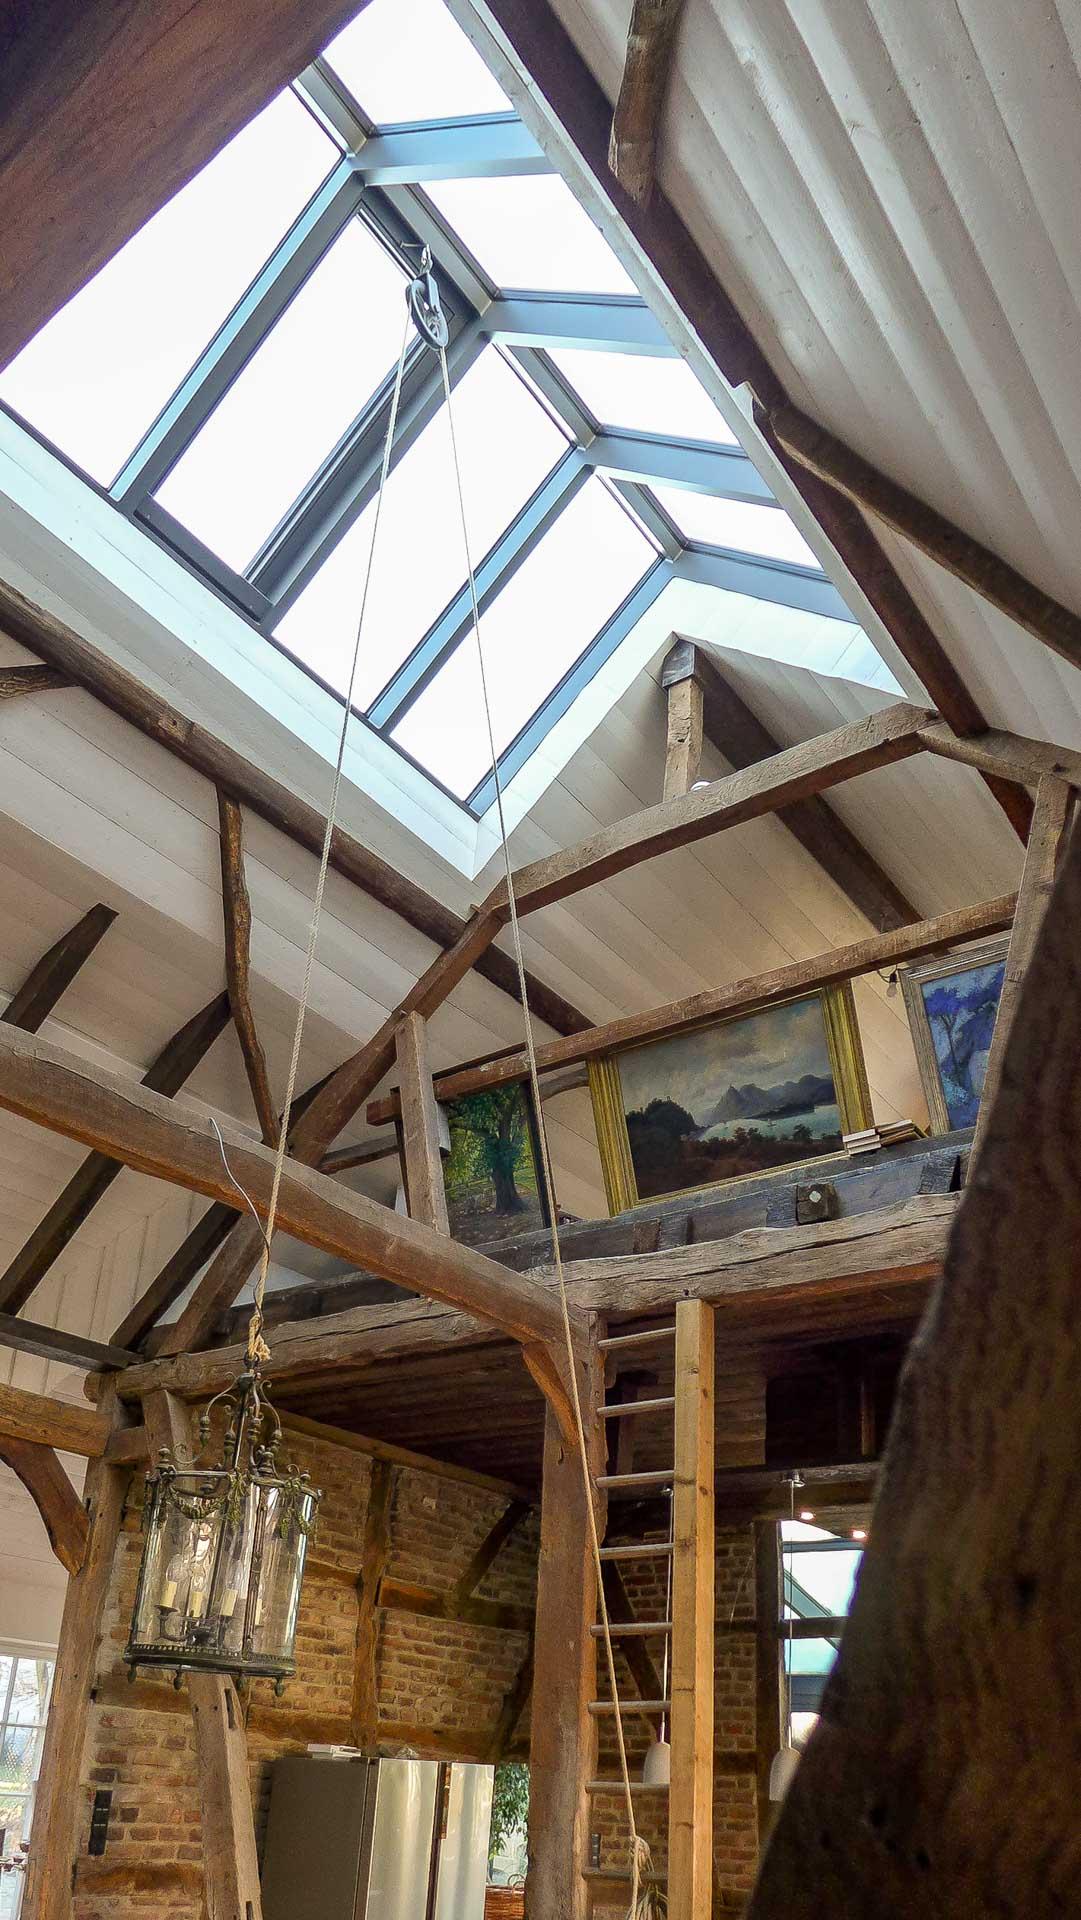 Lichtdach in Bonn (Objekt 1167). Filigranes Lichtdach aus verschweißten Alu-Profilen mit reinigungsunterstützender Sonnenschutzverglasung.